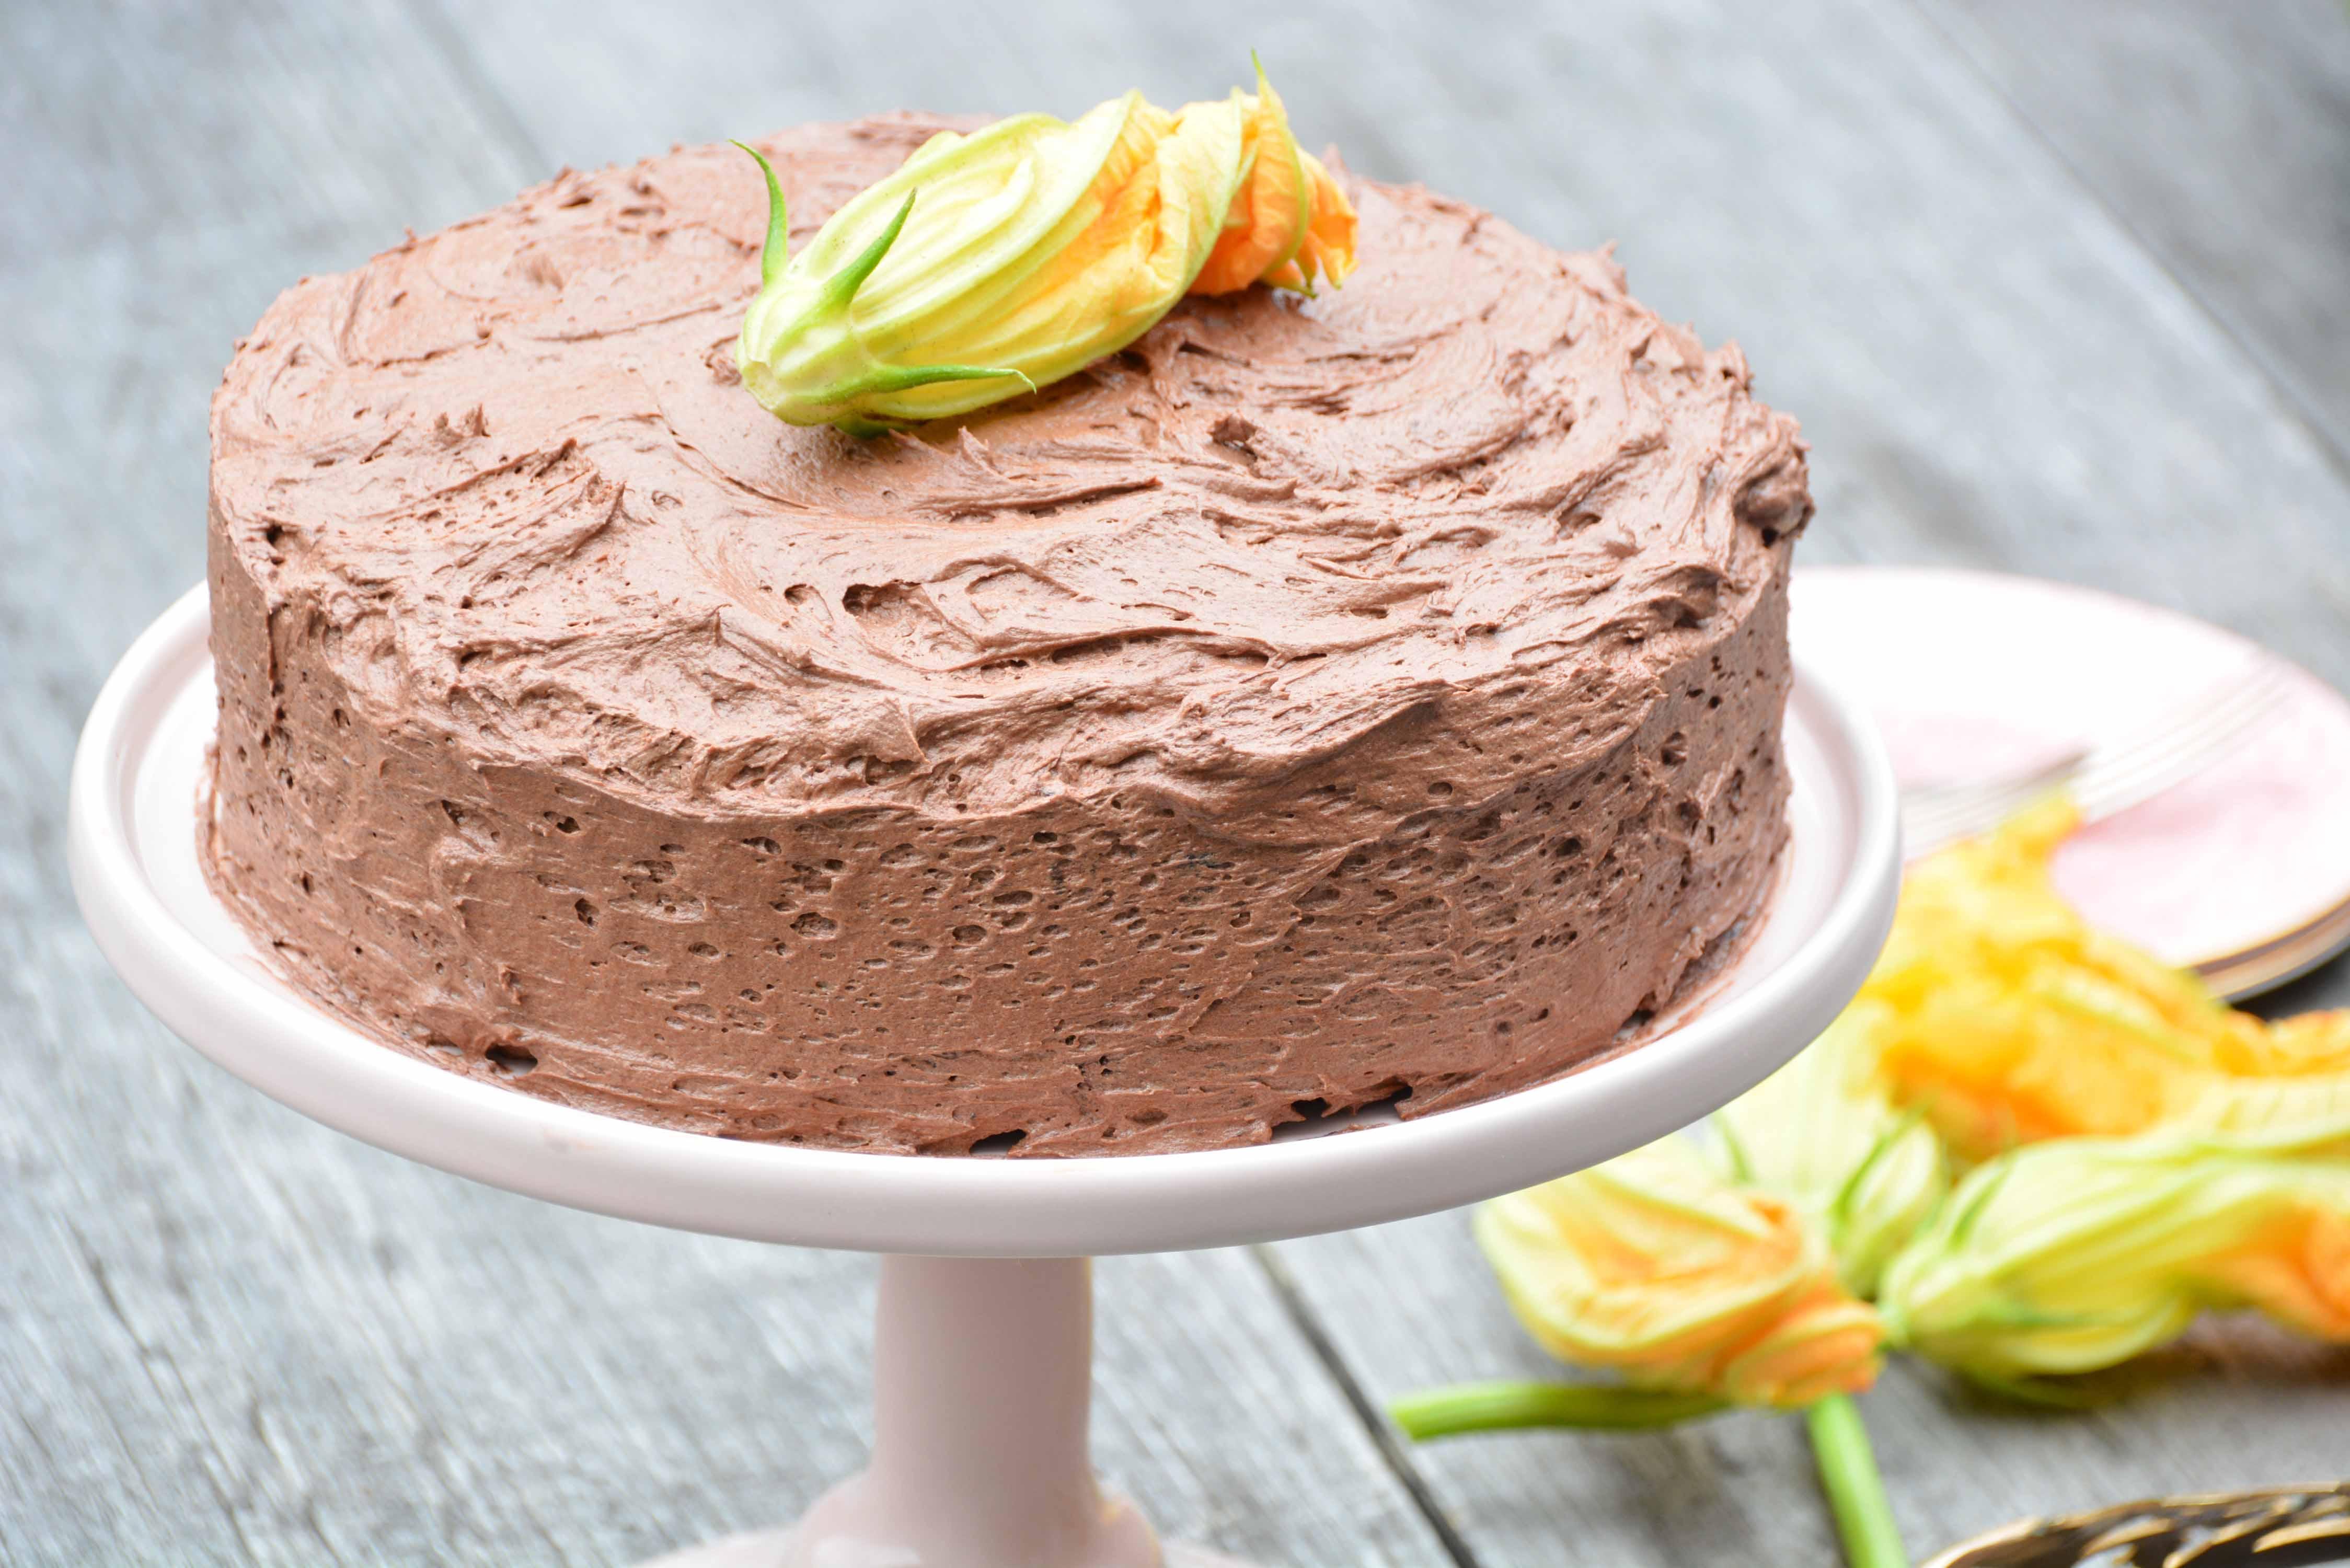 Torta con zucchine al cioccolato – (chocolate zucchini cake – gluten free)